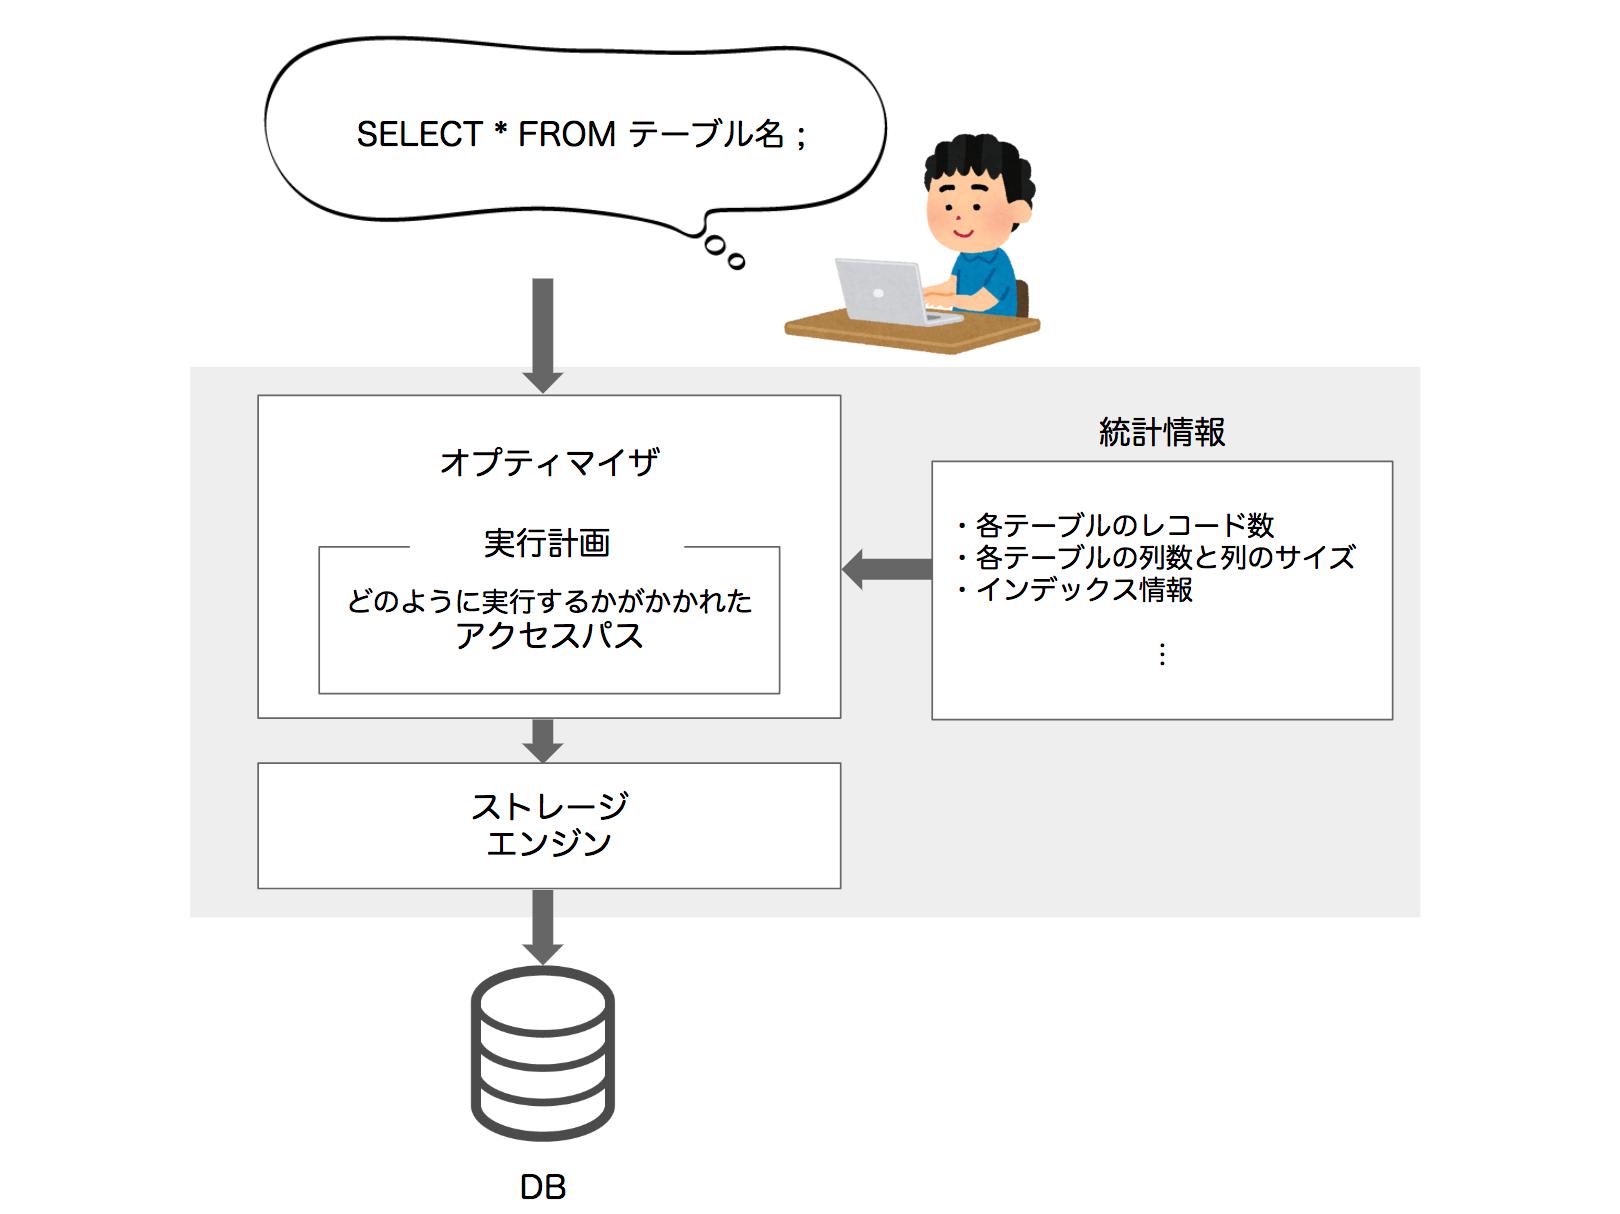 SQL実行の流れ2.png